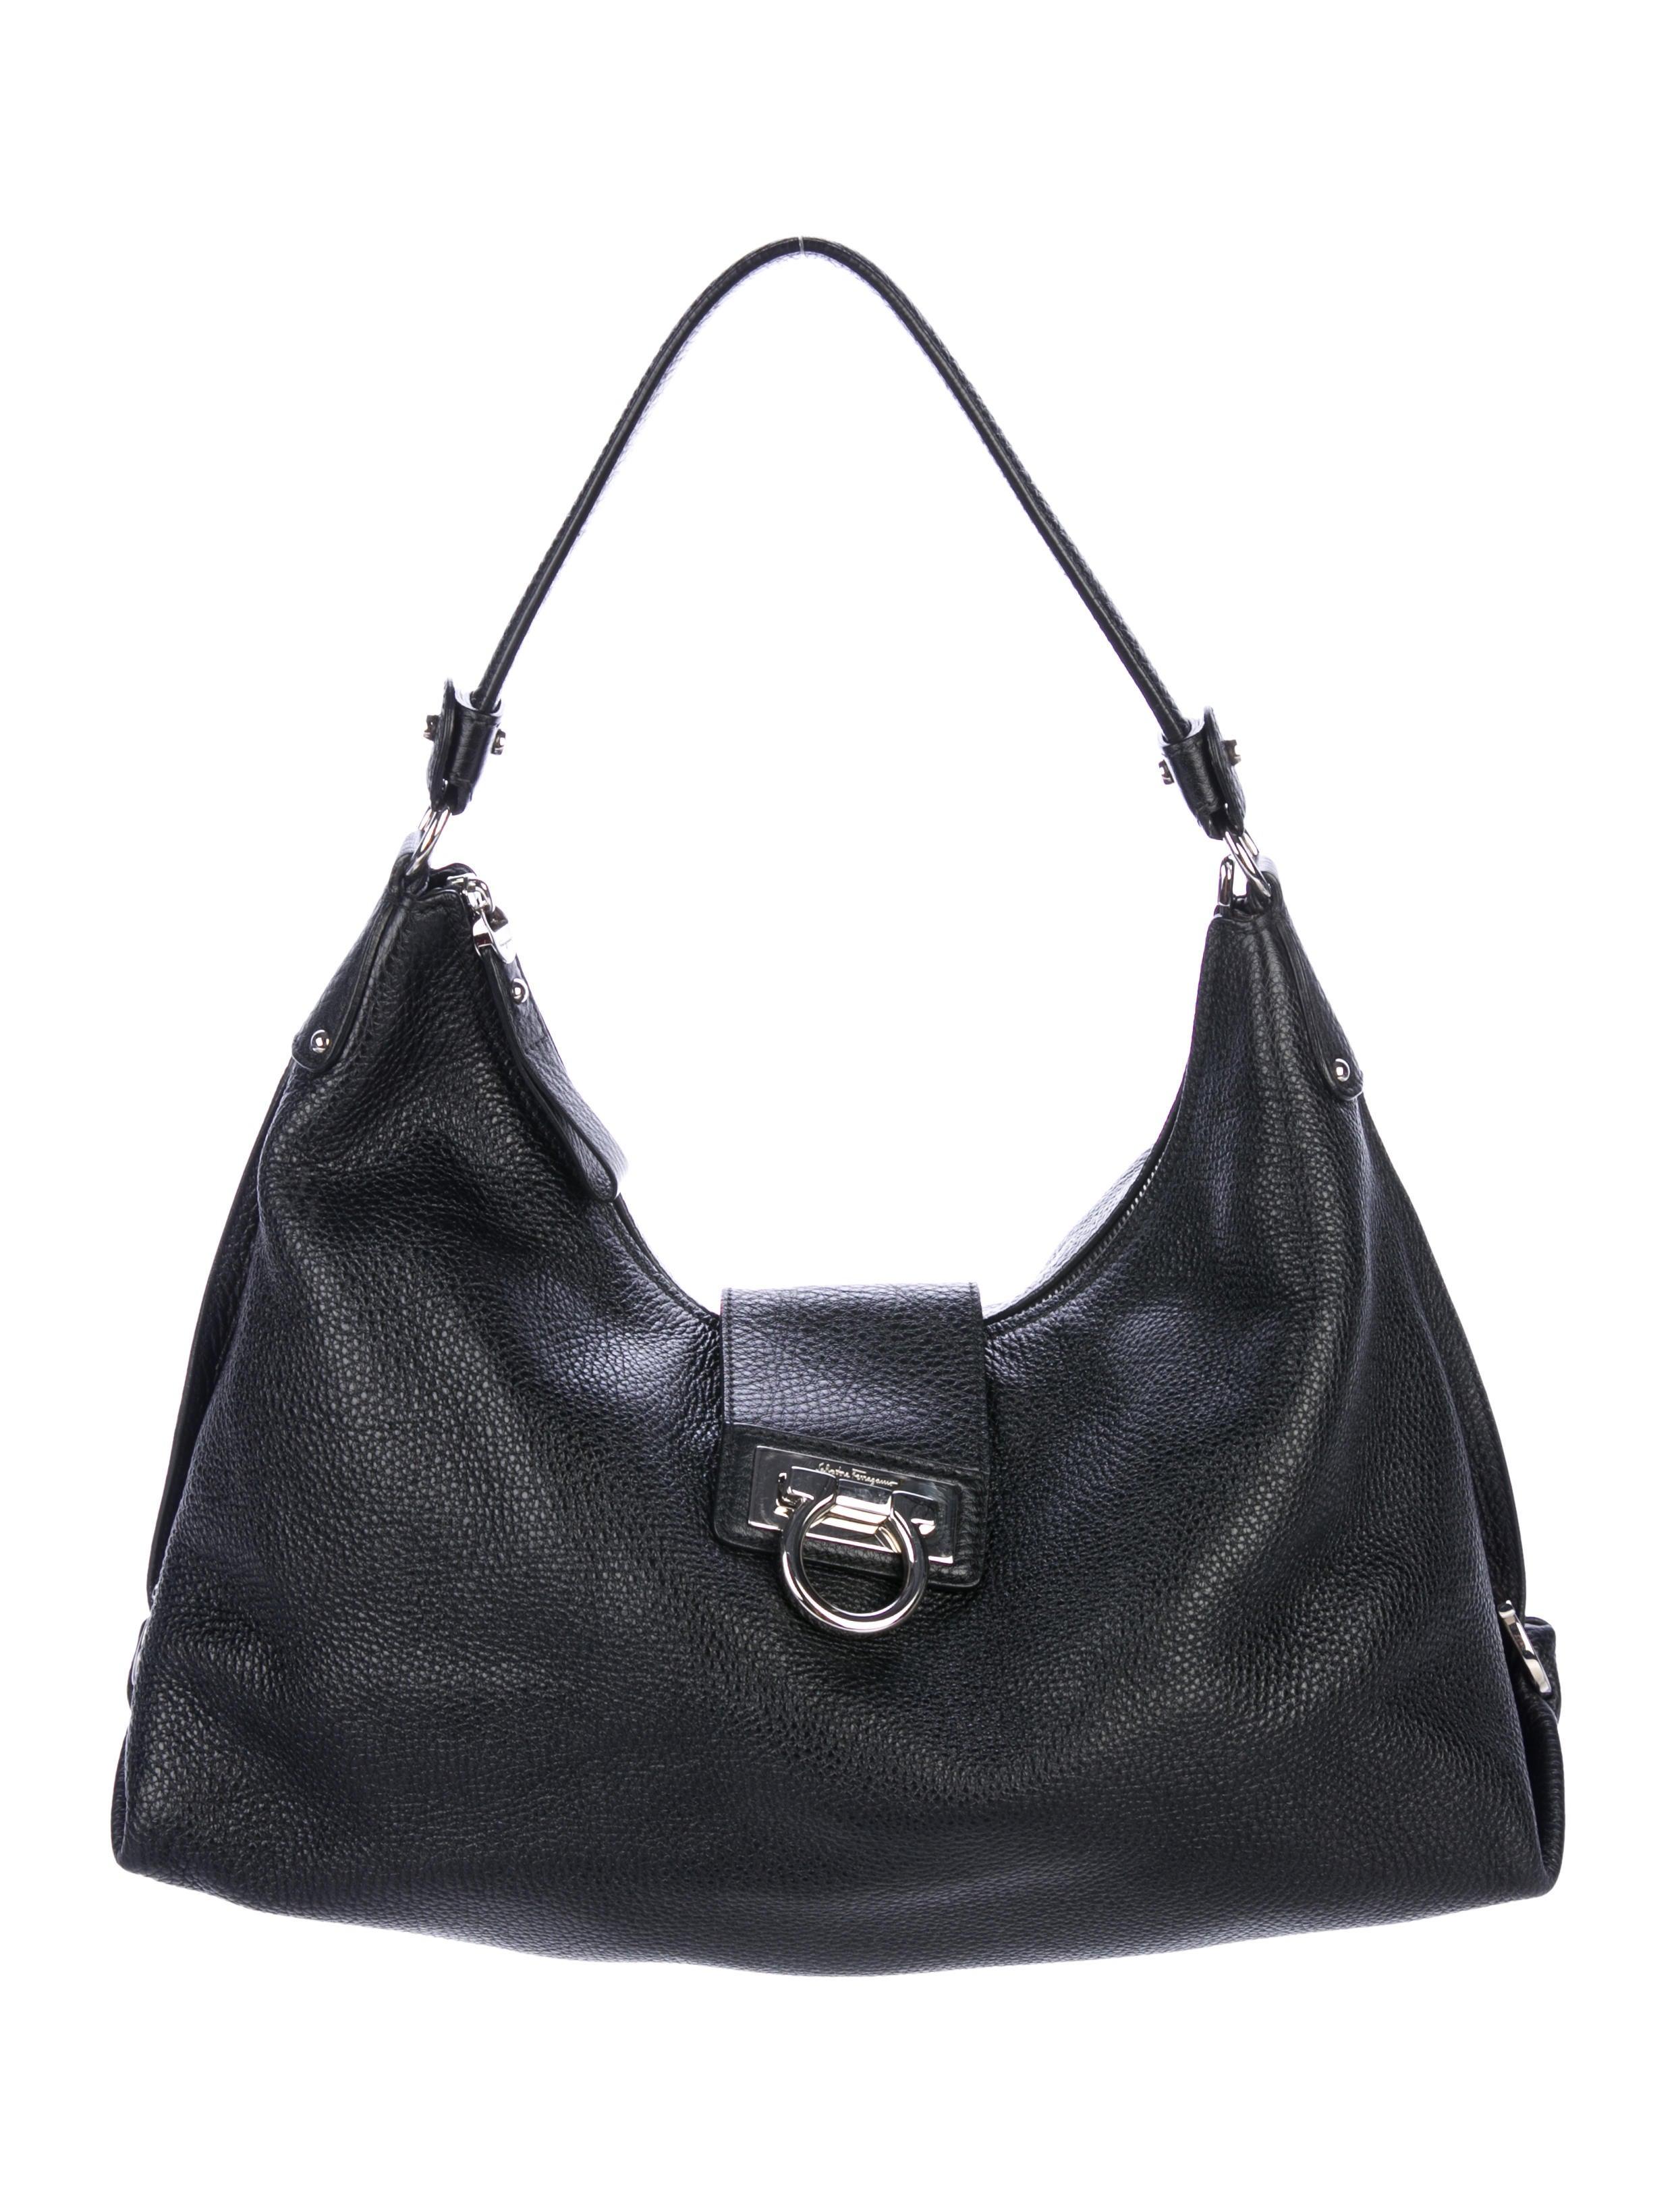 fcb463e68e Salvatore Ferragamo Gancio Leather Hobo - Handbags - SAL82050